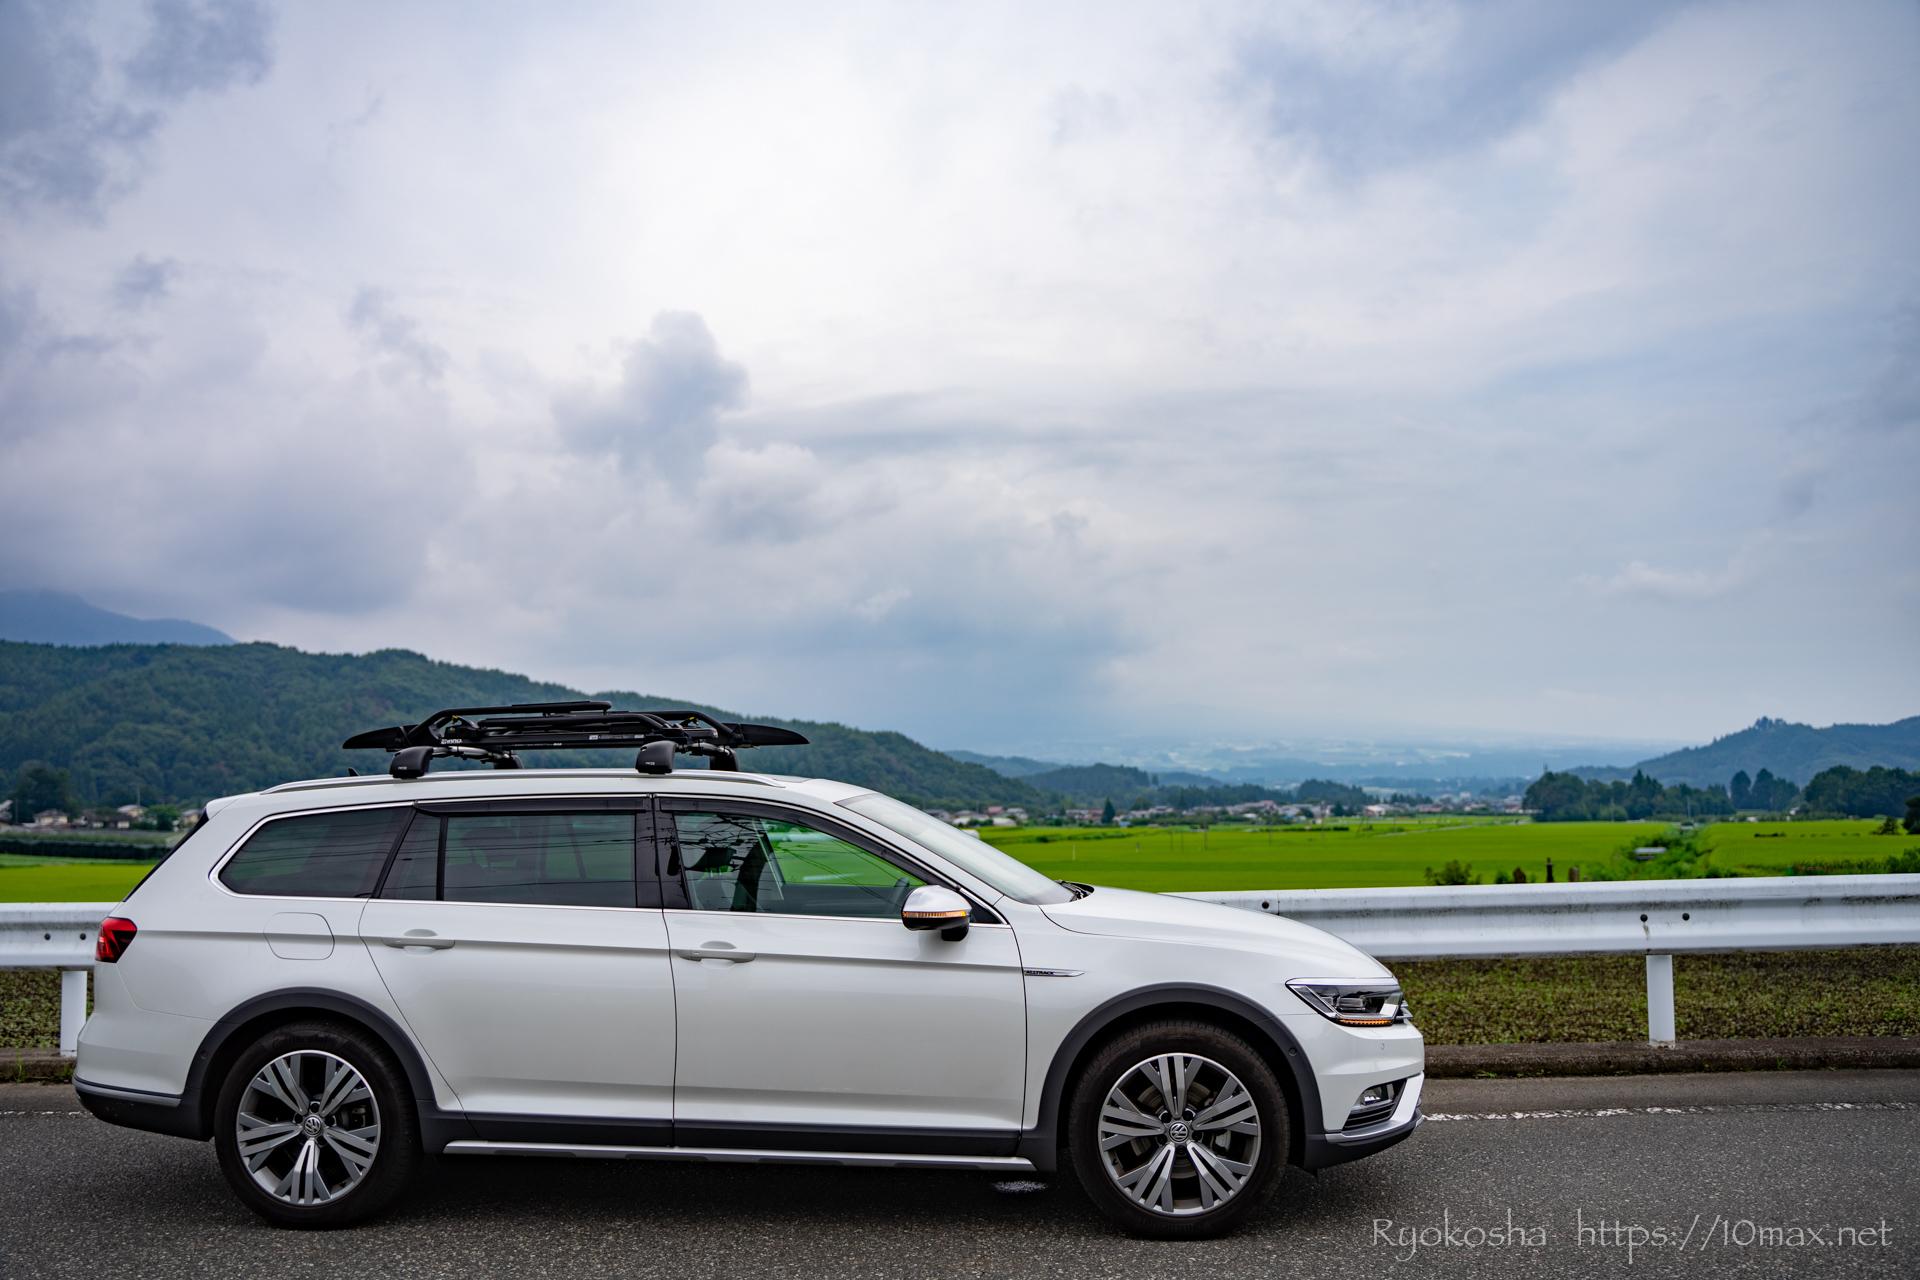 群馬県 川場村 田園風景 ドライブ パサートオールトラック